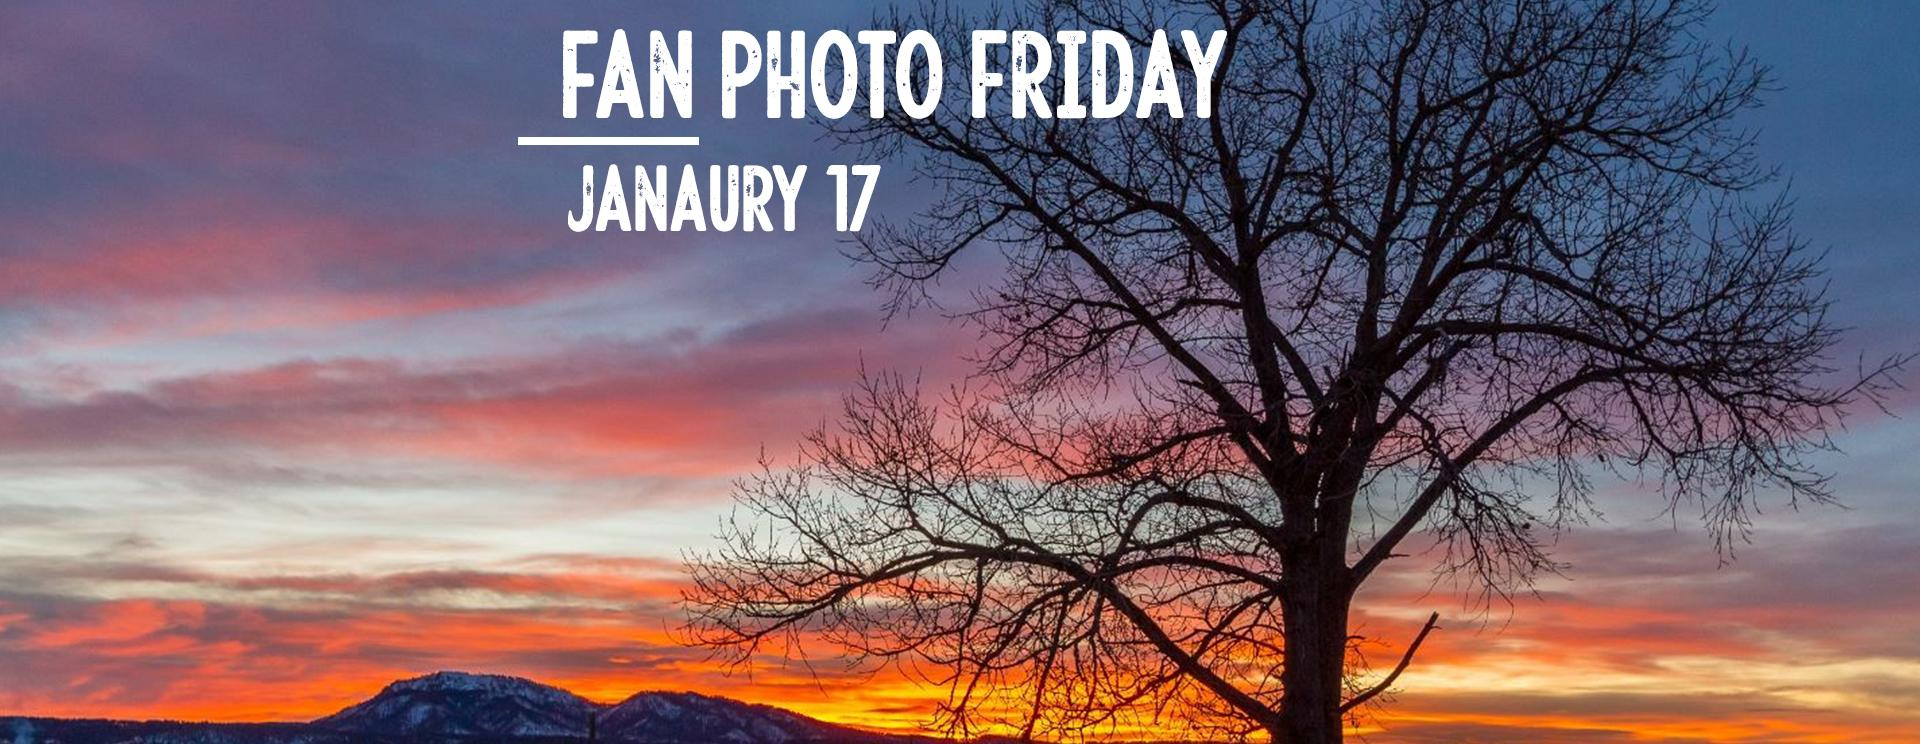 Fan Photo Friday | Jan. 17, 2020